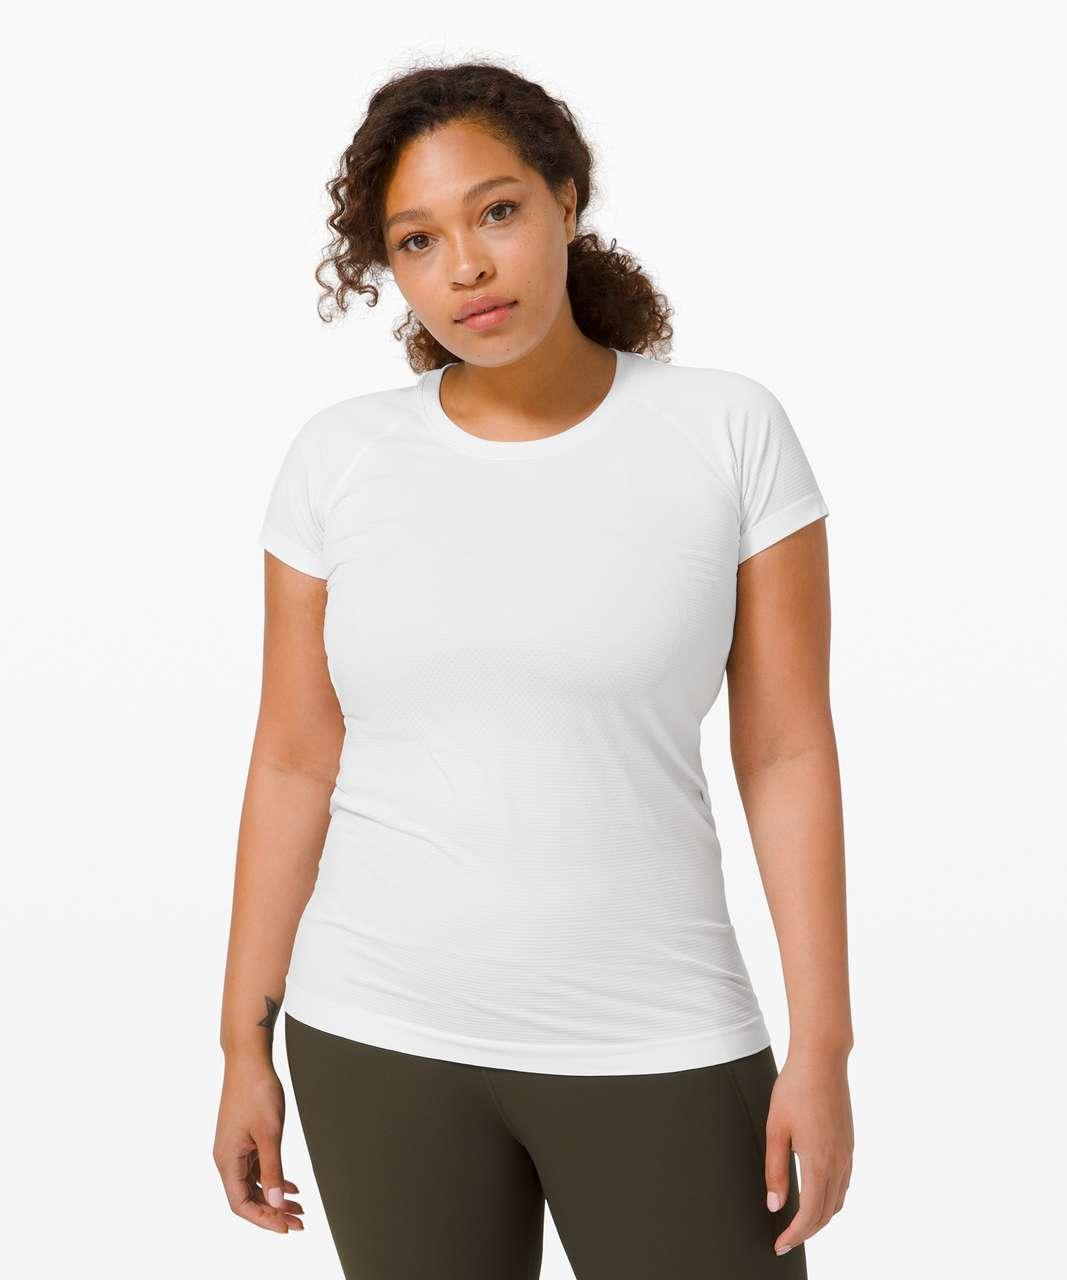 Lululemon Swiftly Tech Short Sleeve 2.0 - White / White